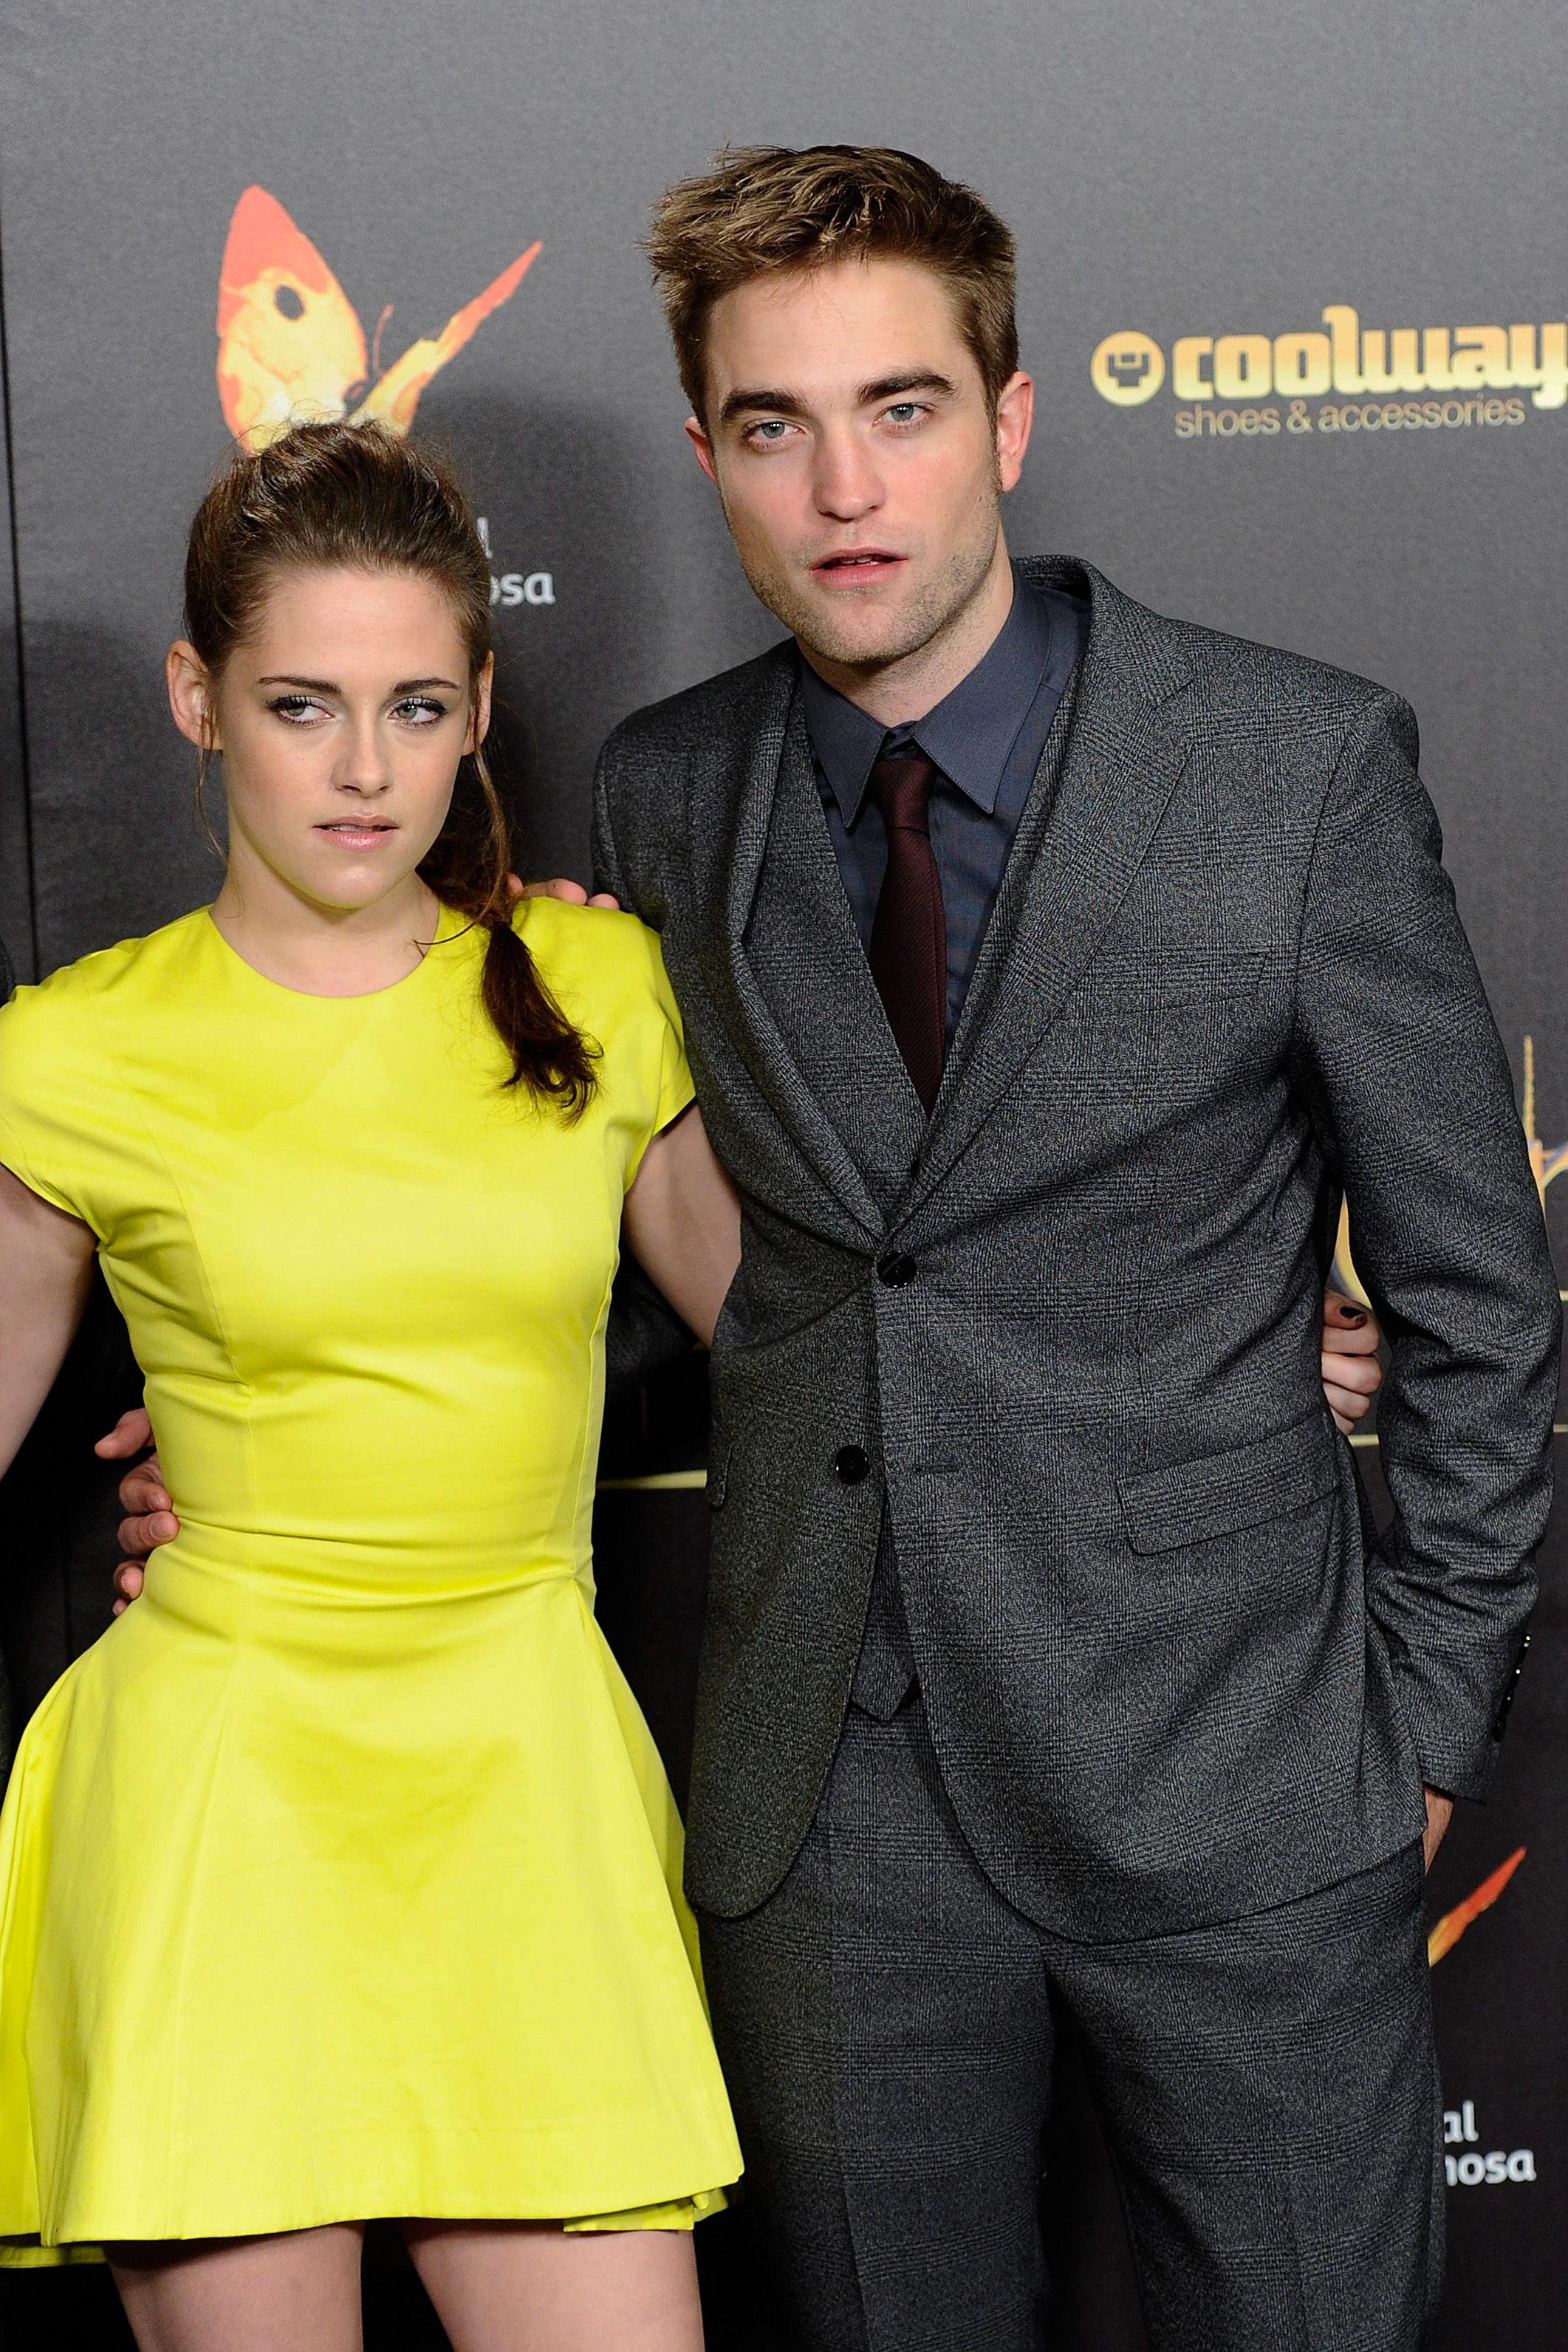 Kristen Stewart and Robert Pattison